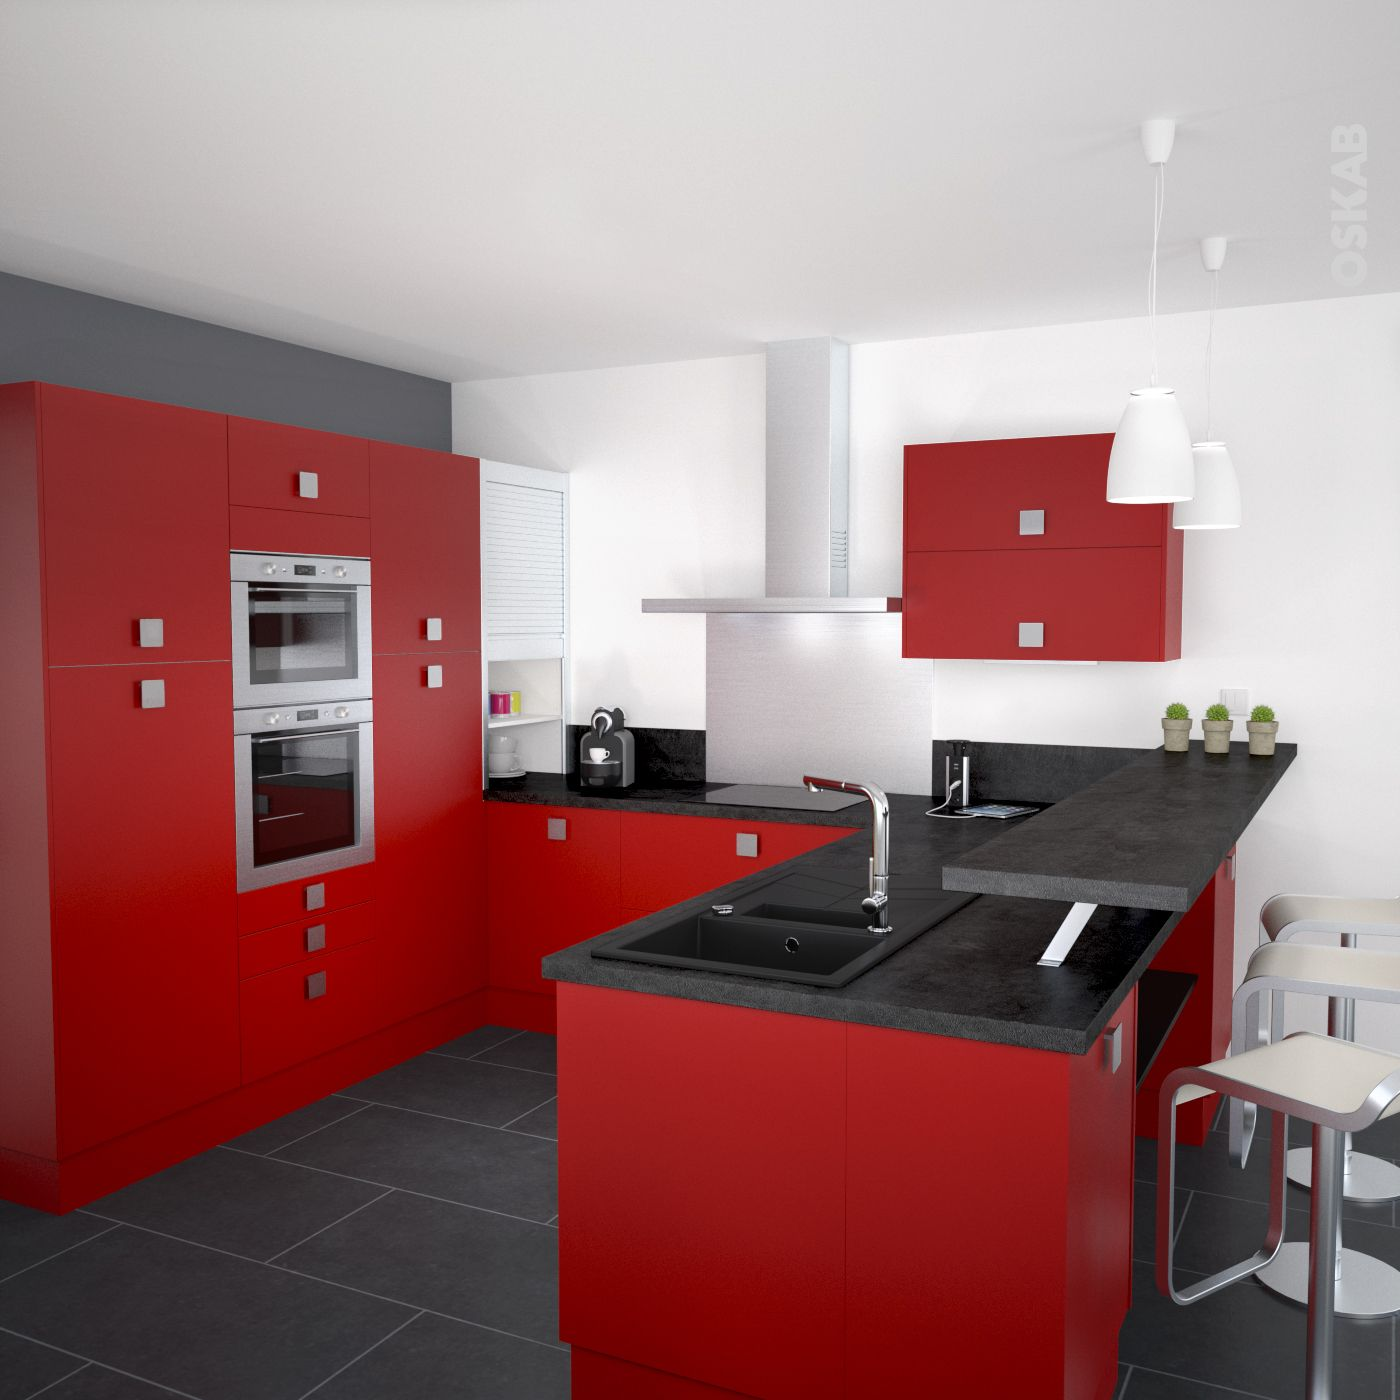 Cuisine ouverte contemporaine couleur rouge avec finition mate ...